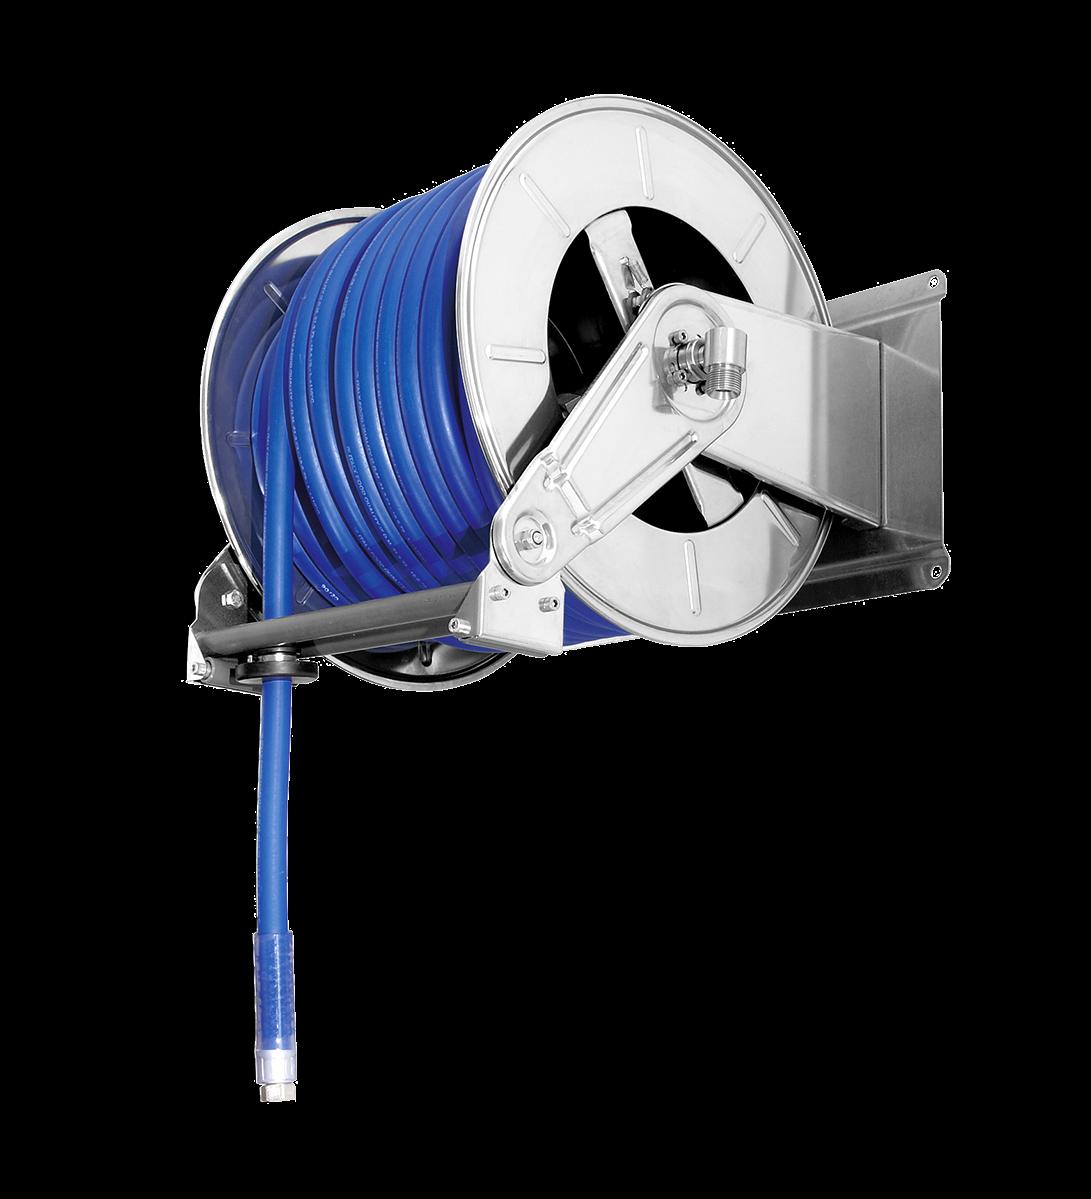 Enrouleur de tuyaux automatique <br><40 mètres 3/4